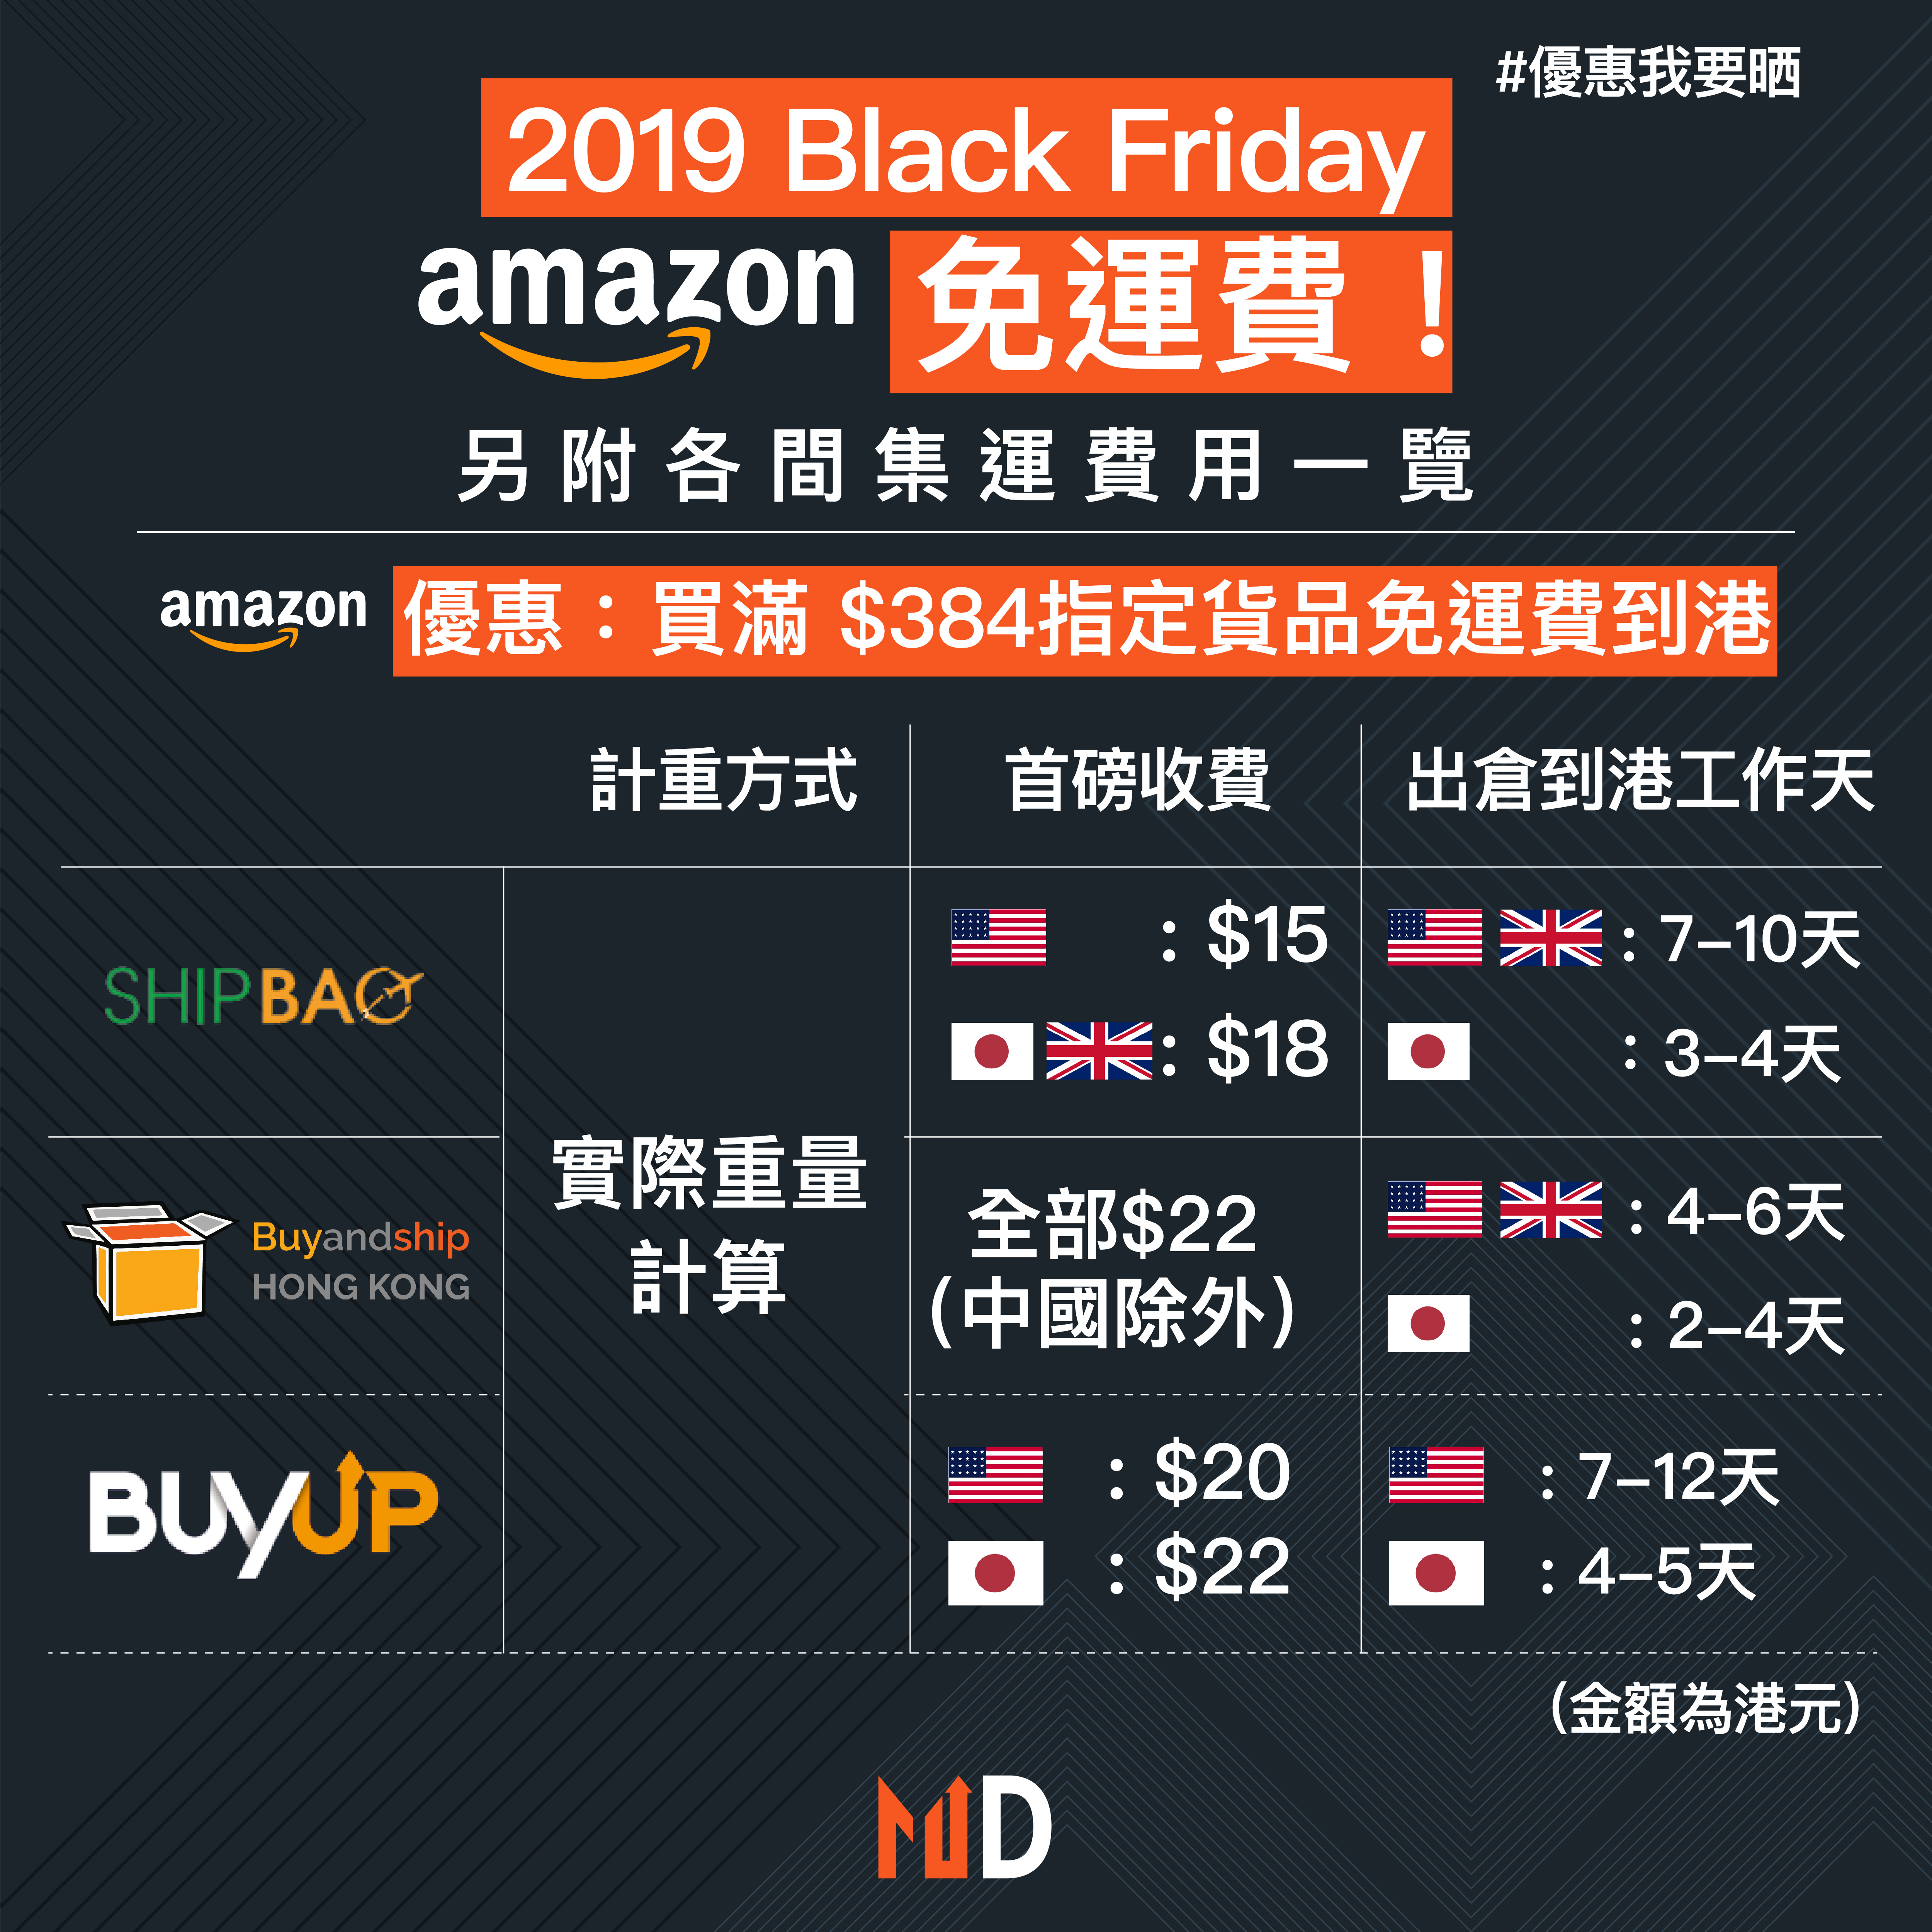 【優惠我要晒】2019 Black Friday Amazon免運費! 另附各間集運費用一覽